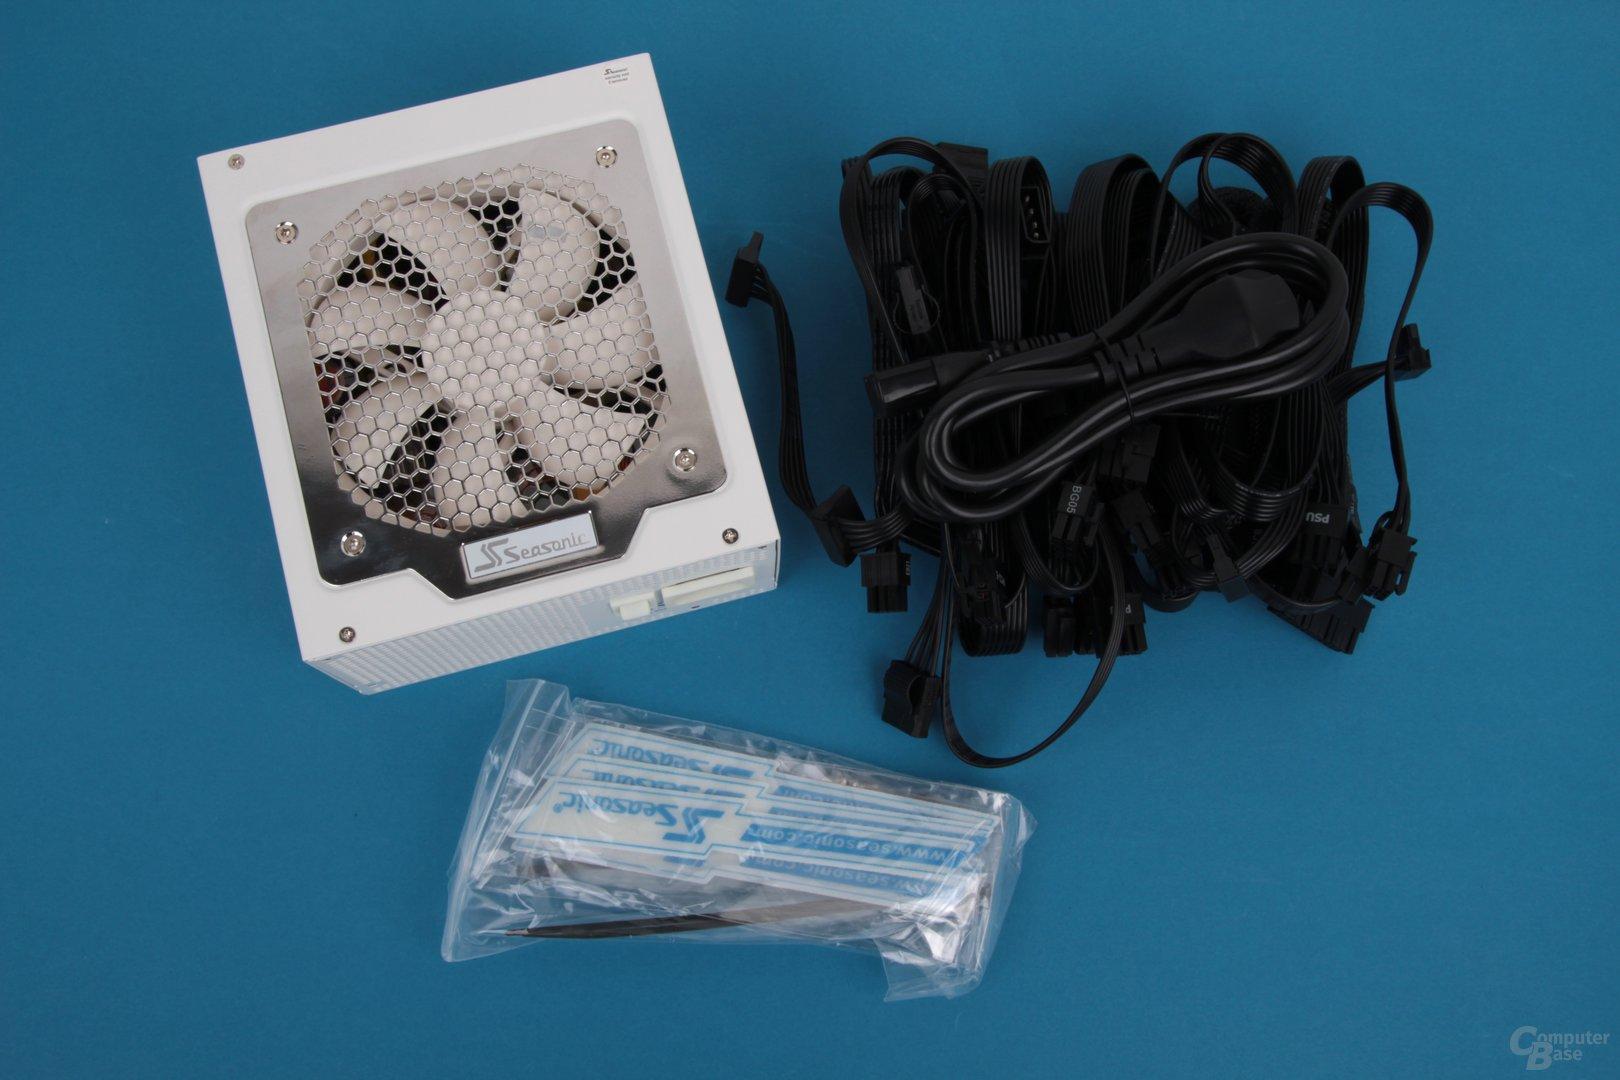 Der Lieferumfang mit vielen modularen Kabeln